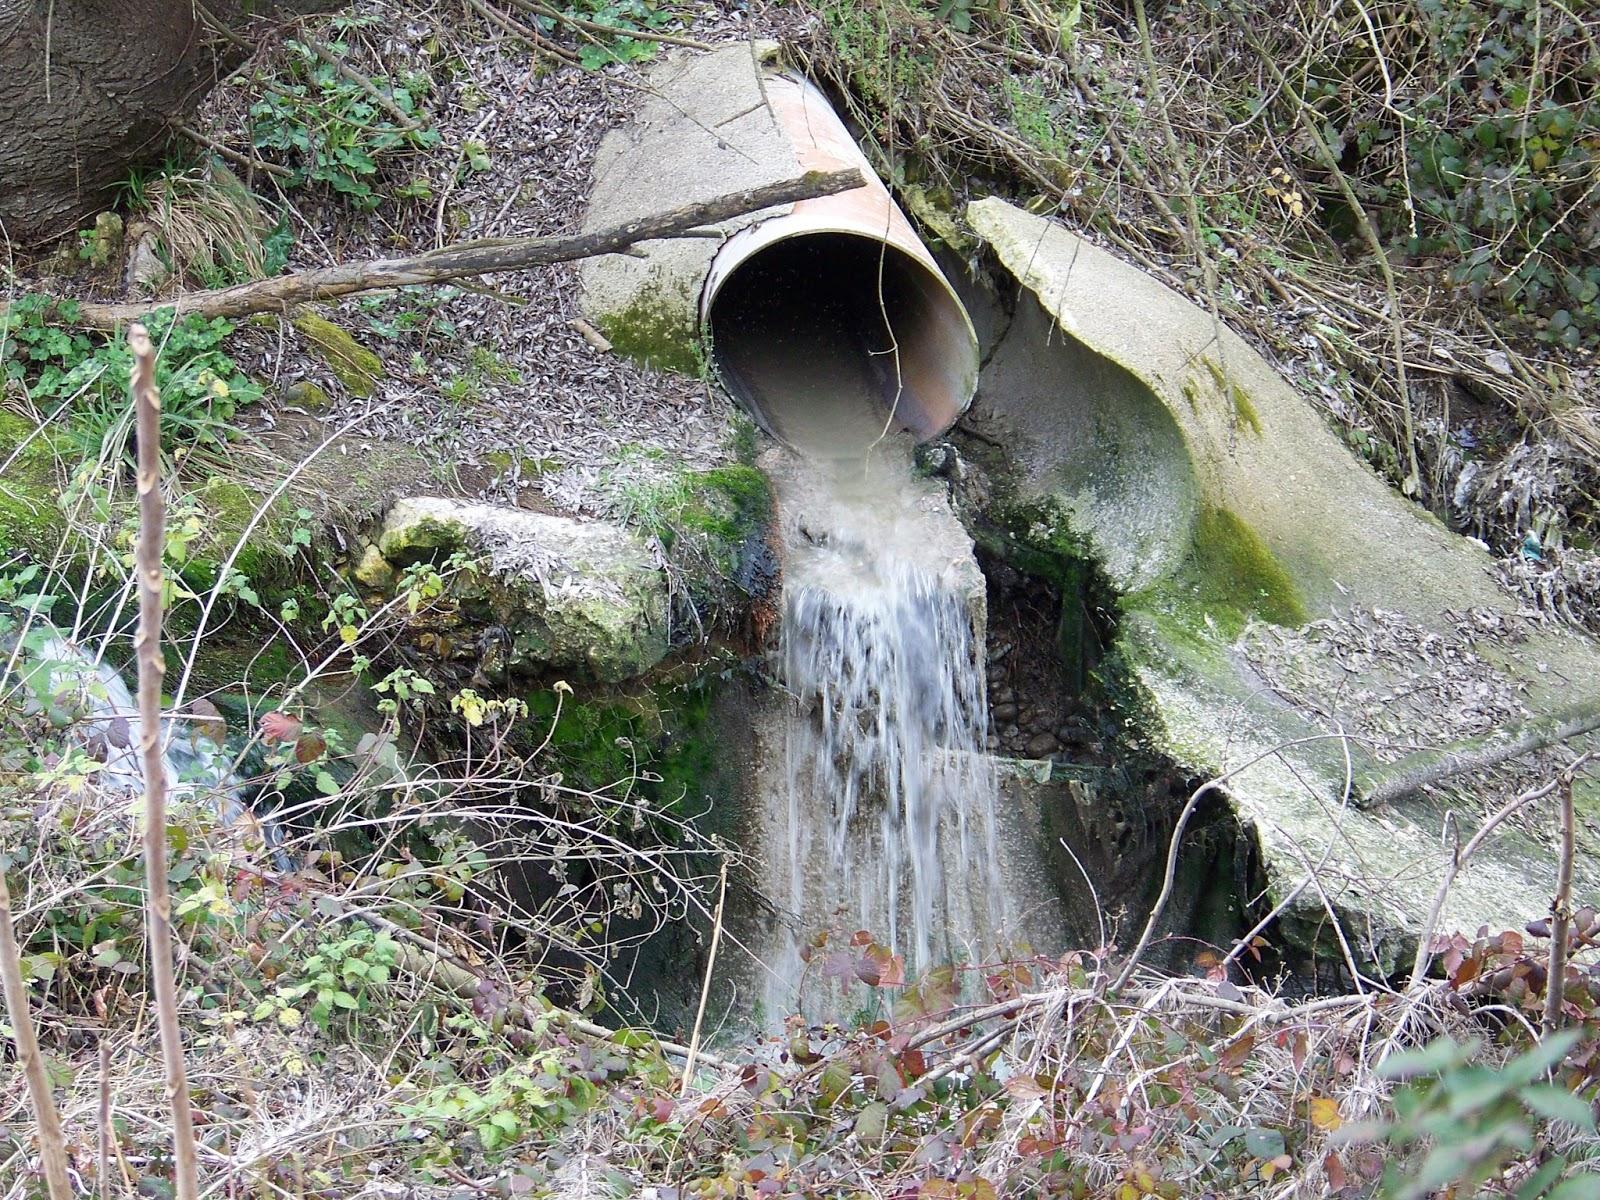 Lanciano liquami nel torrente arno for Cabine nere del torrente